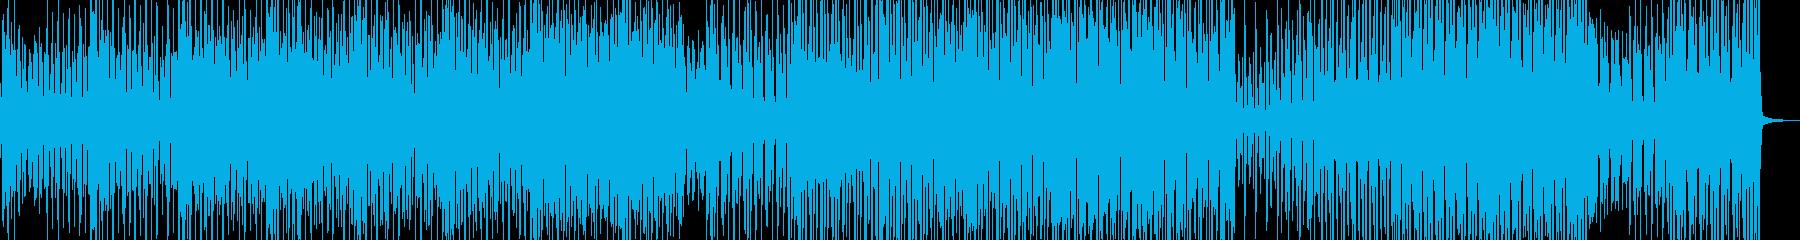 クせになるハイテンション三味線テクノ Bの再生済みの波形